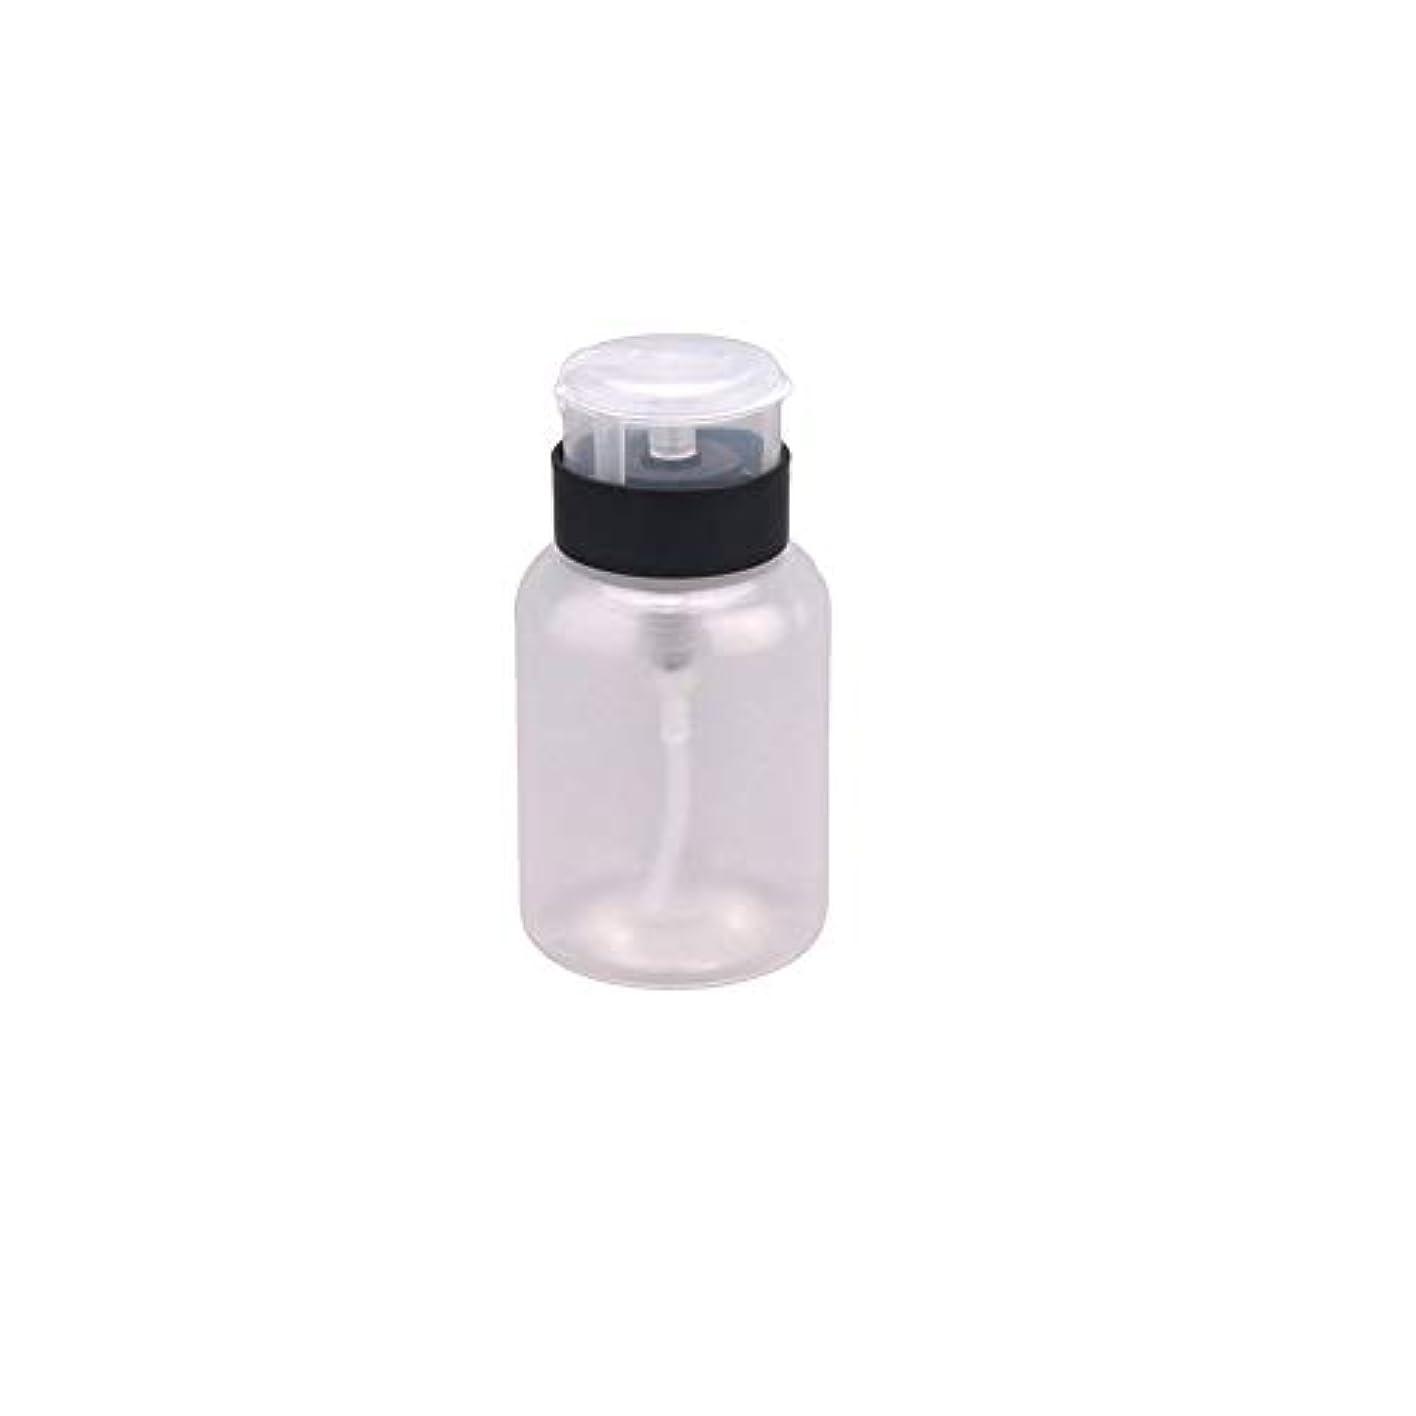 予測モンゴメリーフィドル210ML MultifuktionディスペンサーポンプクレンザーBottlePushネイルポリッシュリムーバーアルコールボトルダウン液体エミッタのボトルは、ボトルのネイルポリッシュリムーバー液体ボトル容器のforoils...